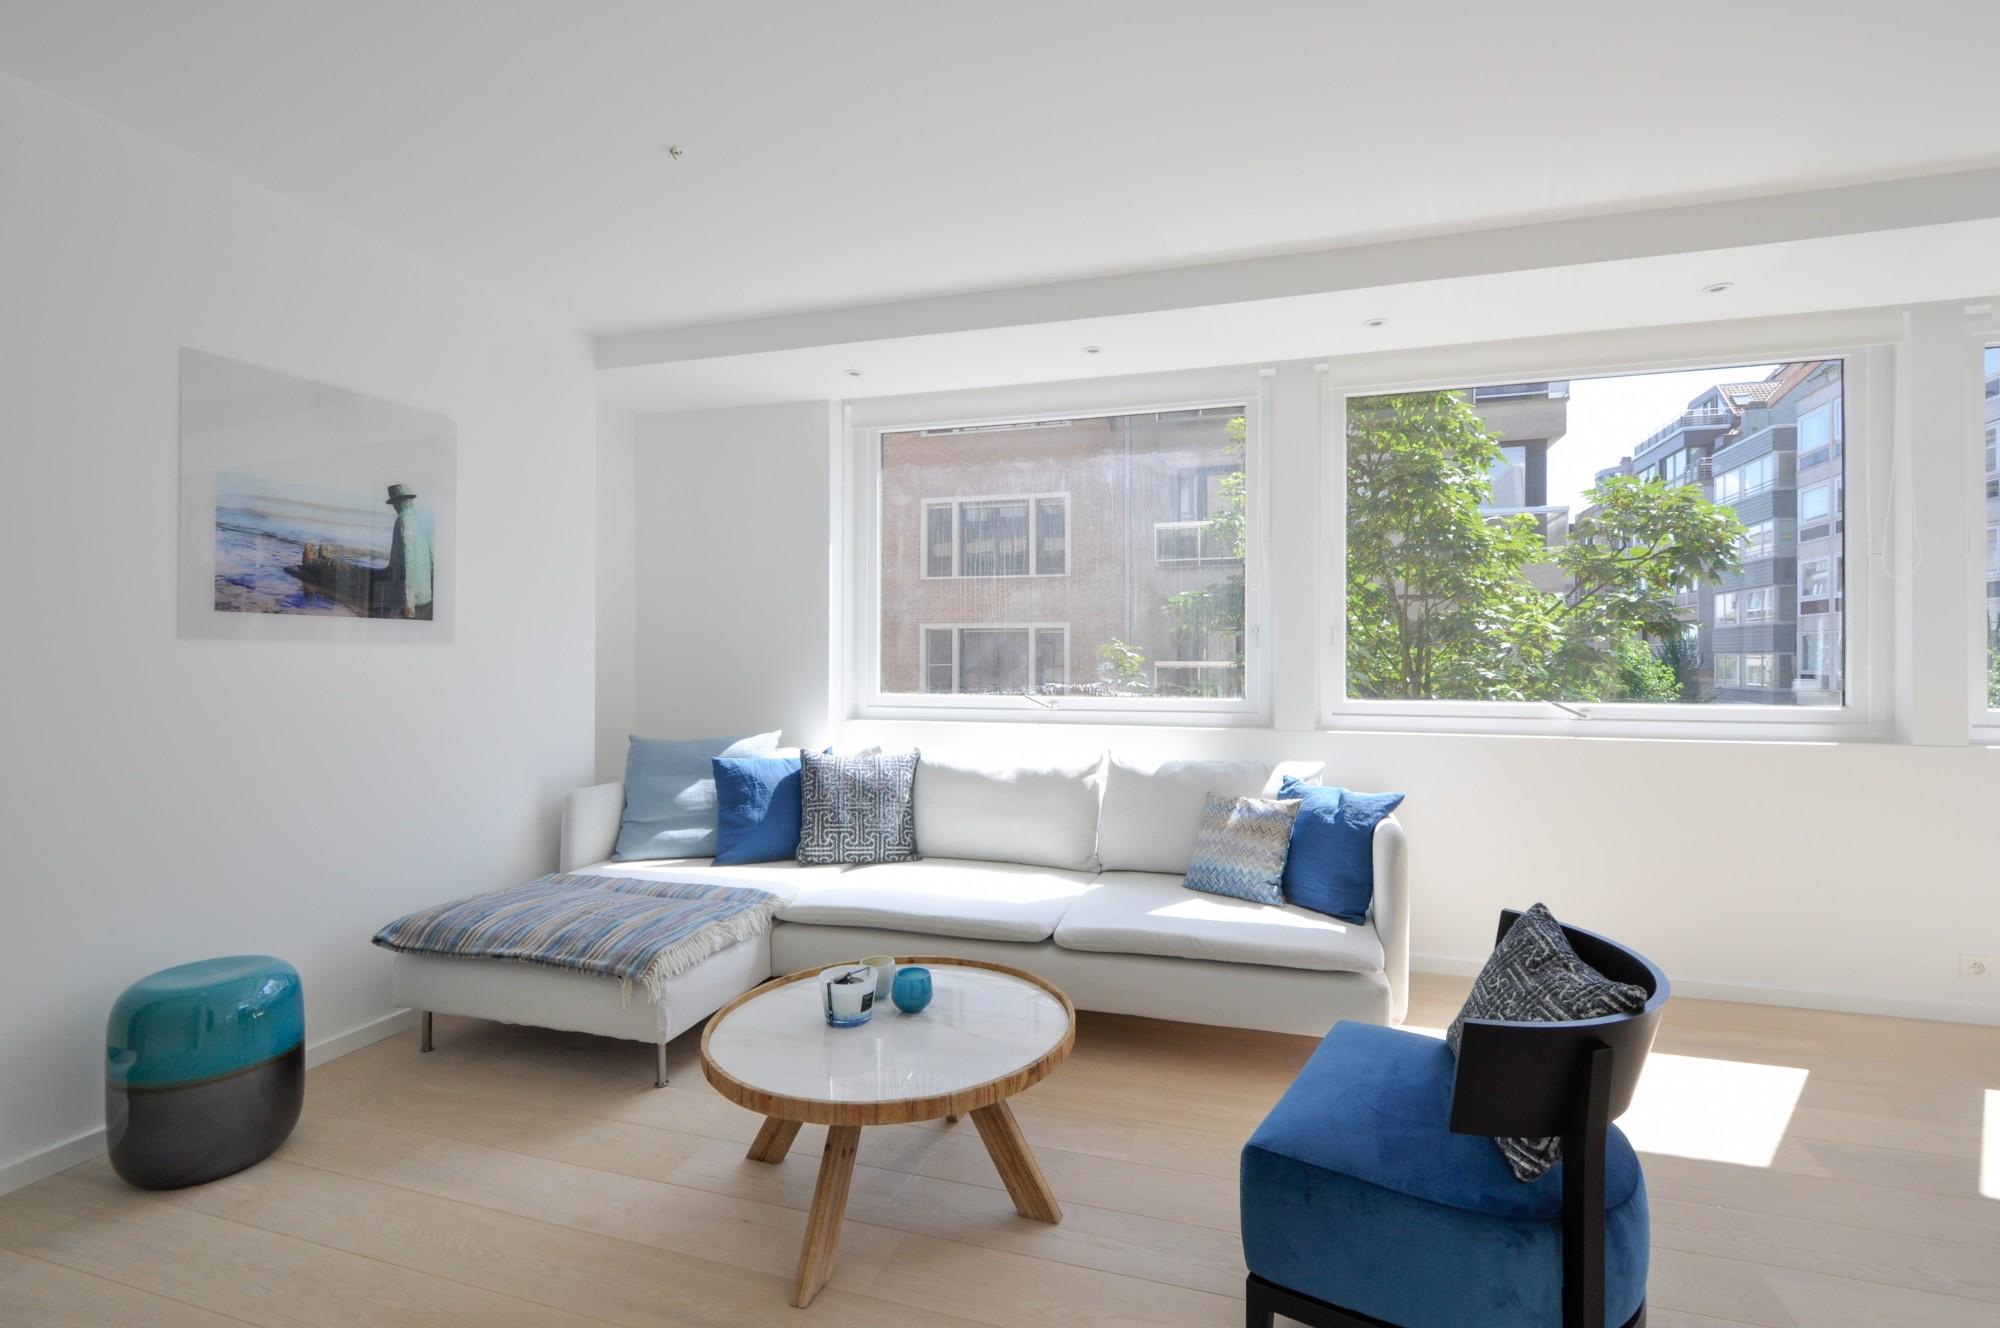 Verkoop appartement t1 f1 knokke heist kustlaan for Huizenverkoop site